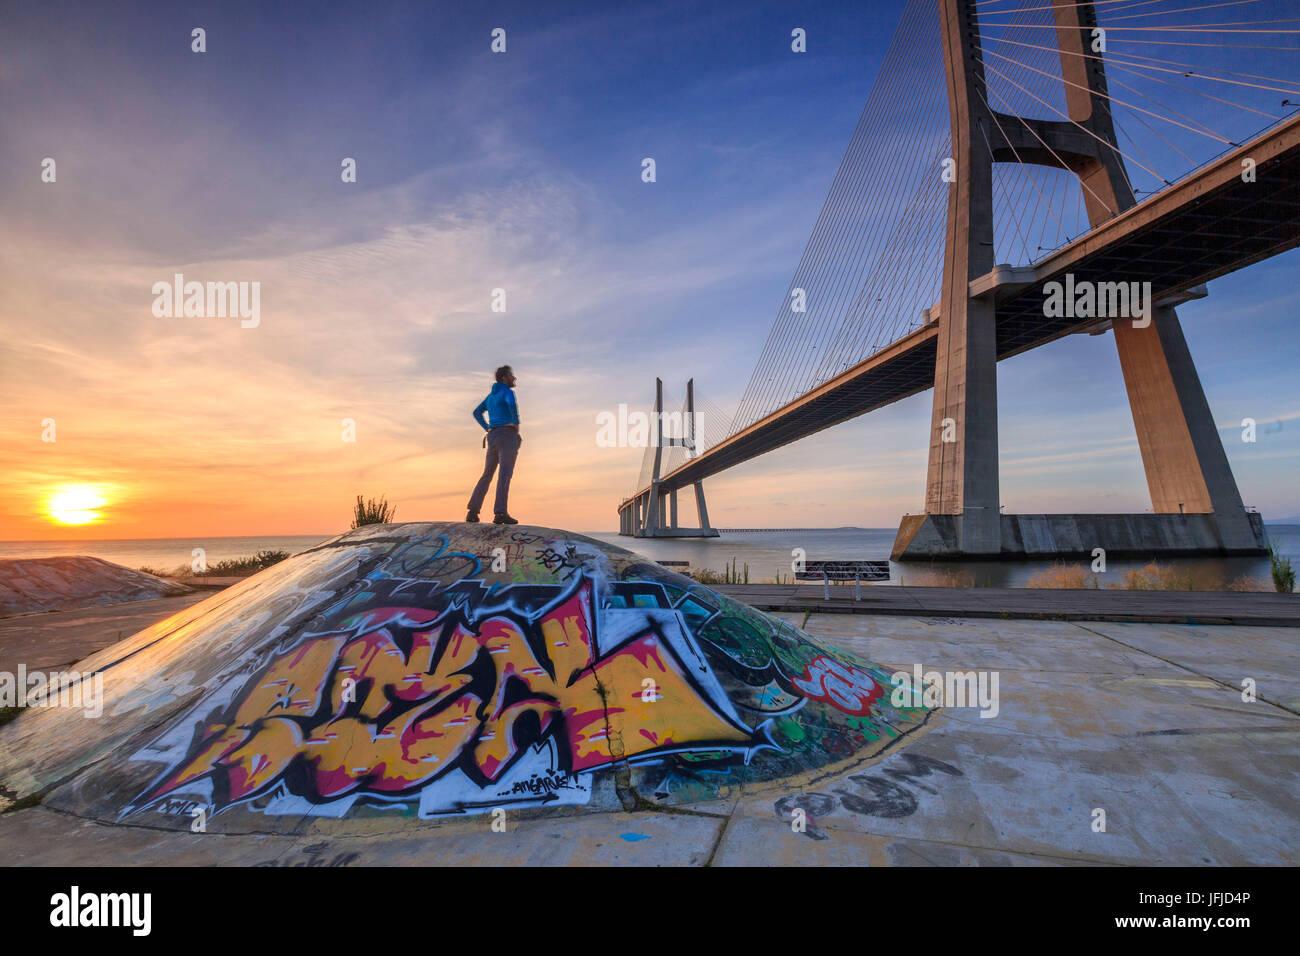 A tourist admires the majestic Vasco da Gama Bridge over the River Tagus Parque das Nações Lisbon Portugal Europe Stock Photo